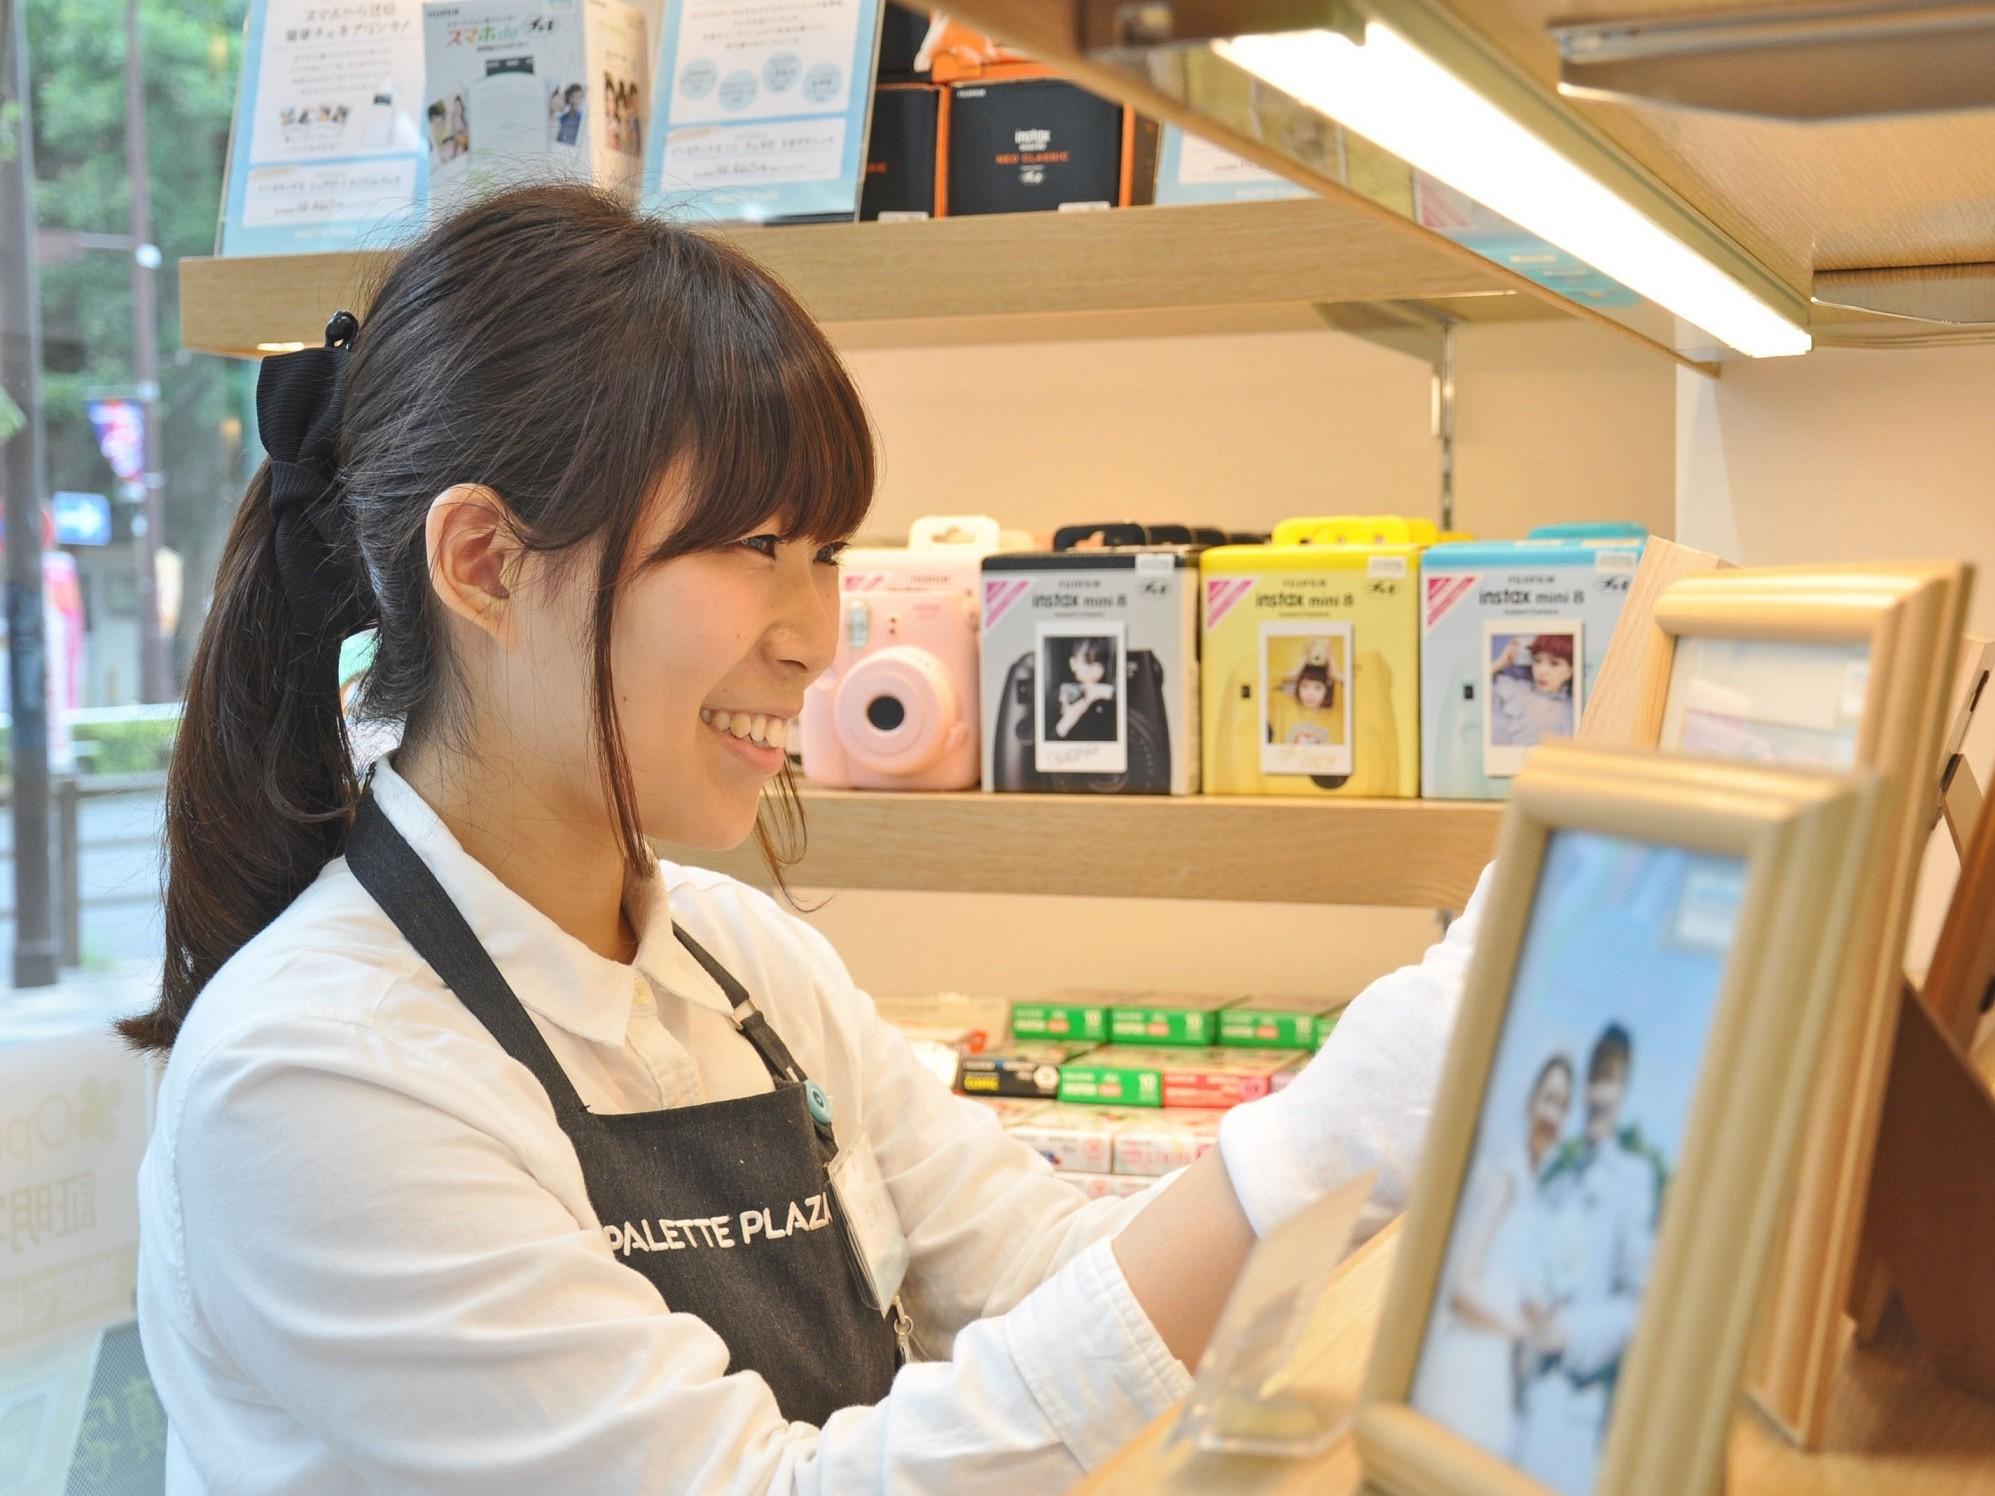 パレットプラザ モラージュ菖蒲店 のアルバイト情報